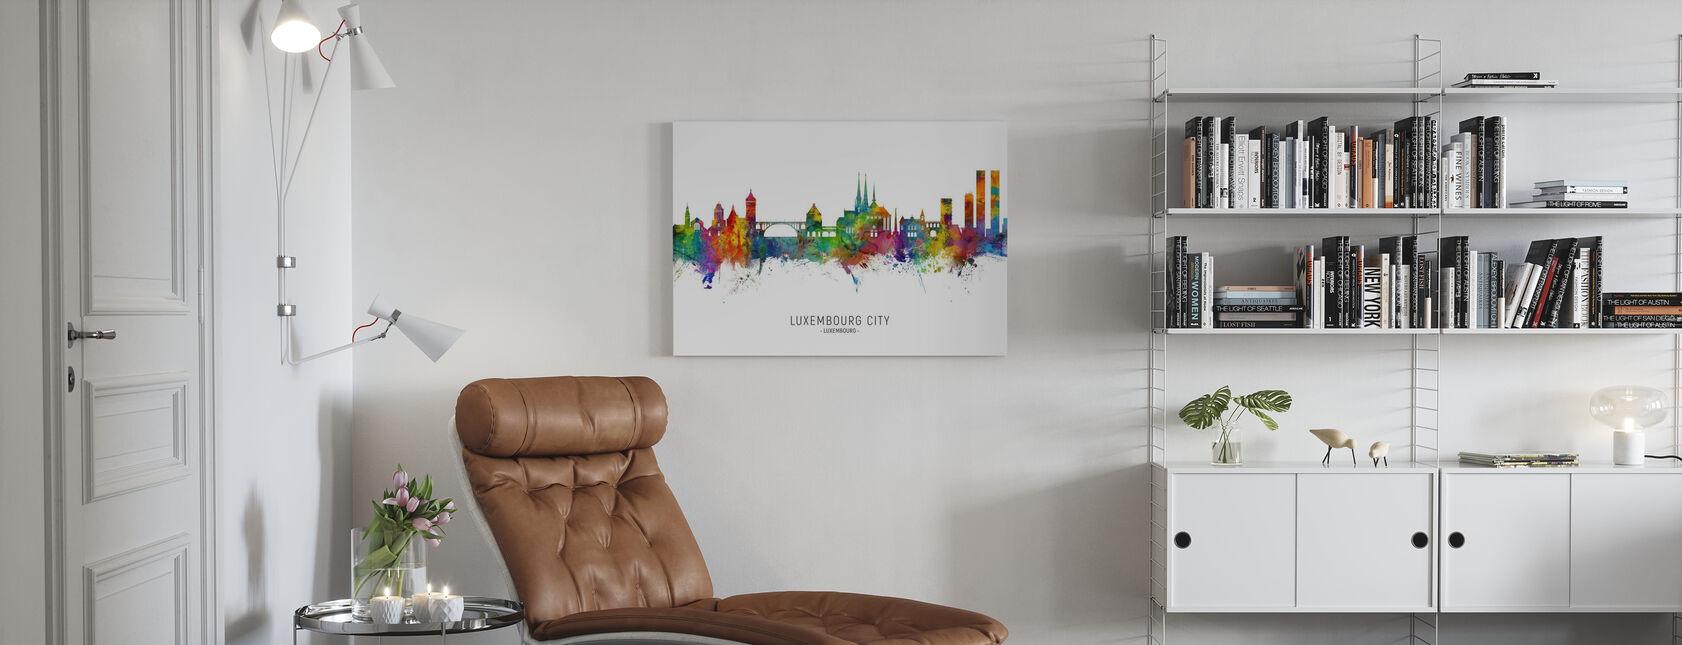 Skyline der Stadt Luxemburg - Leinwandbild - Wohnzimmer